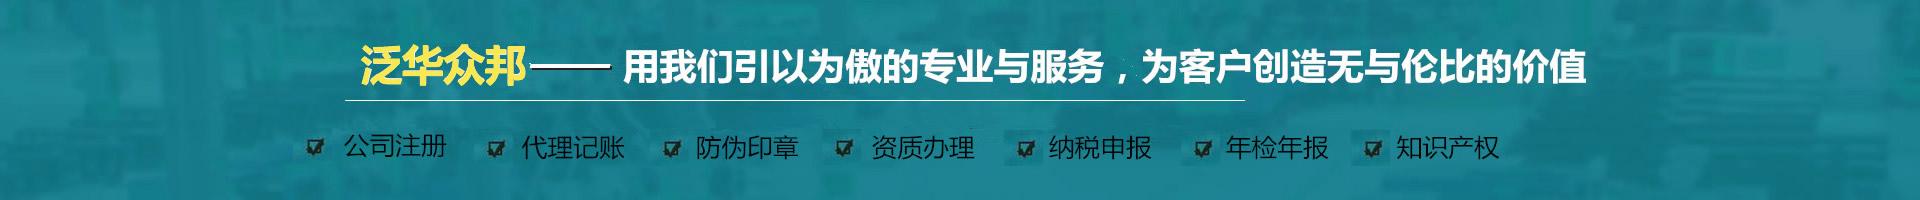 陜西泛華眾邦財務公司